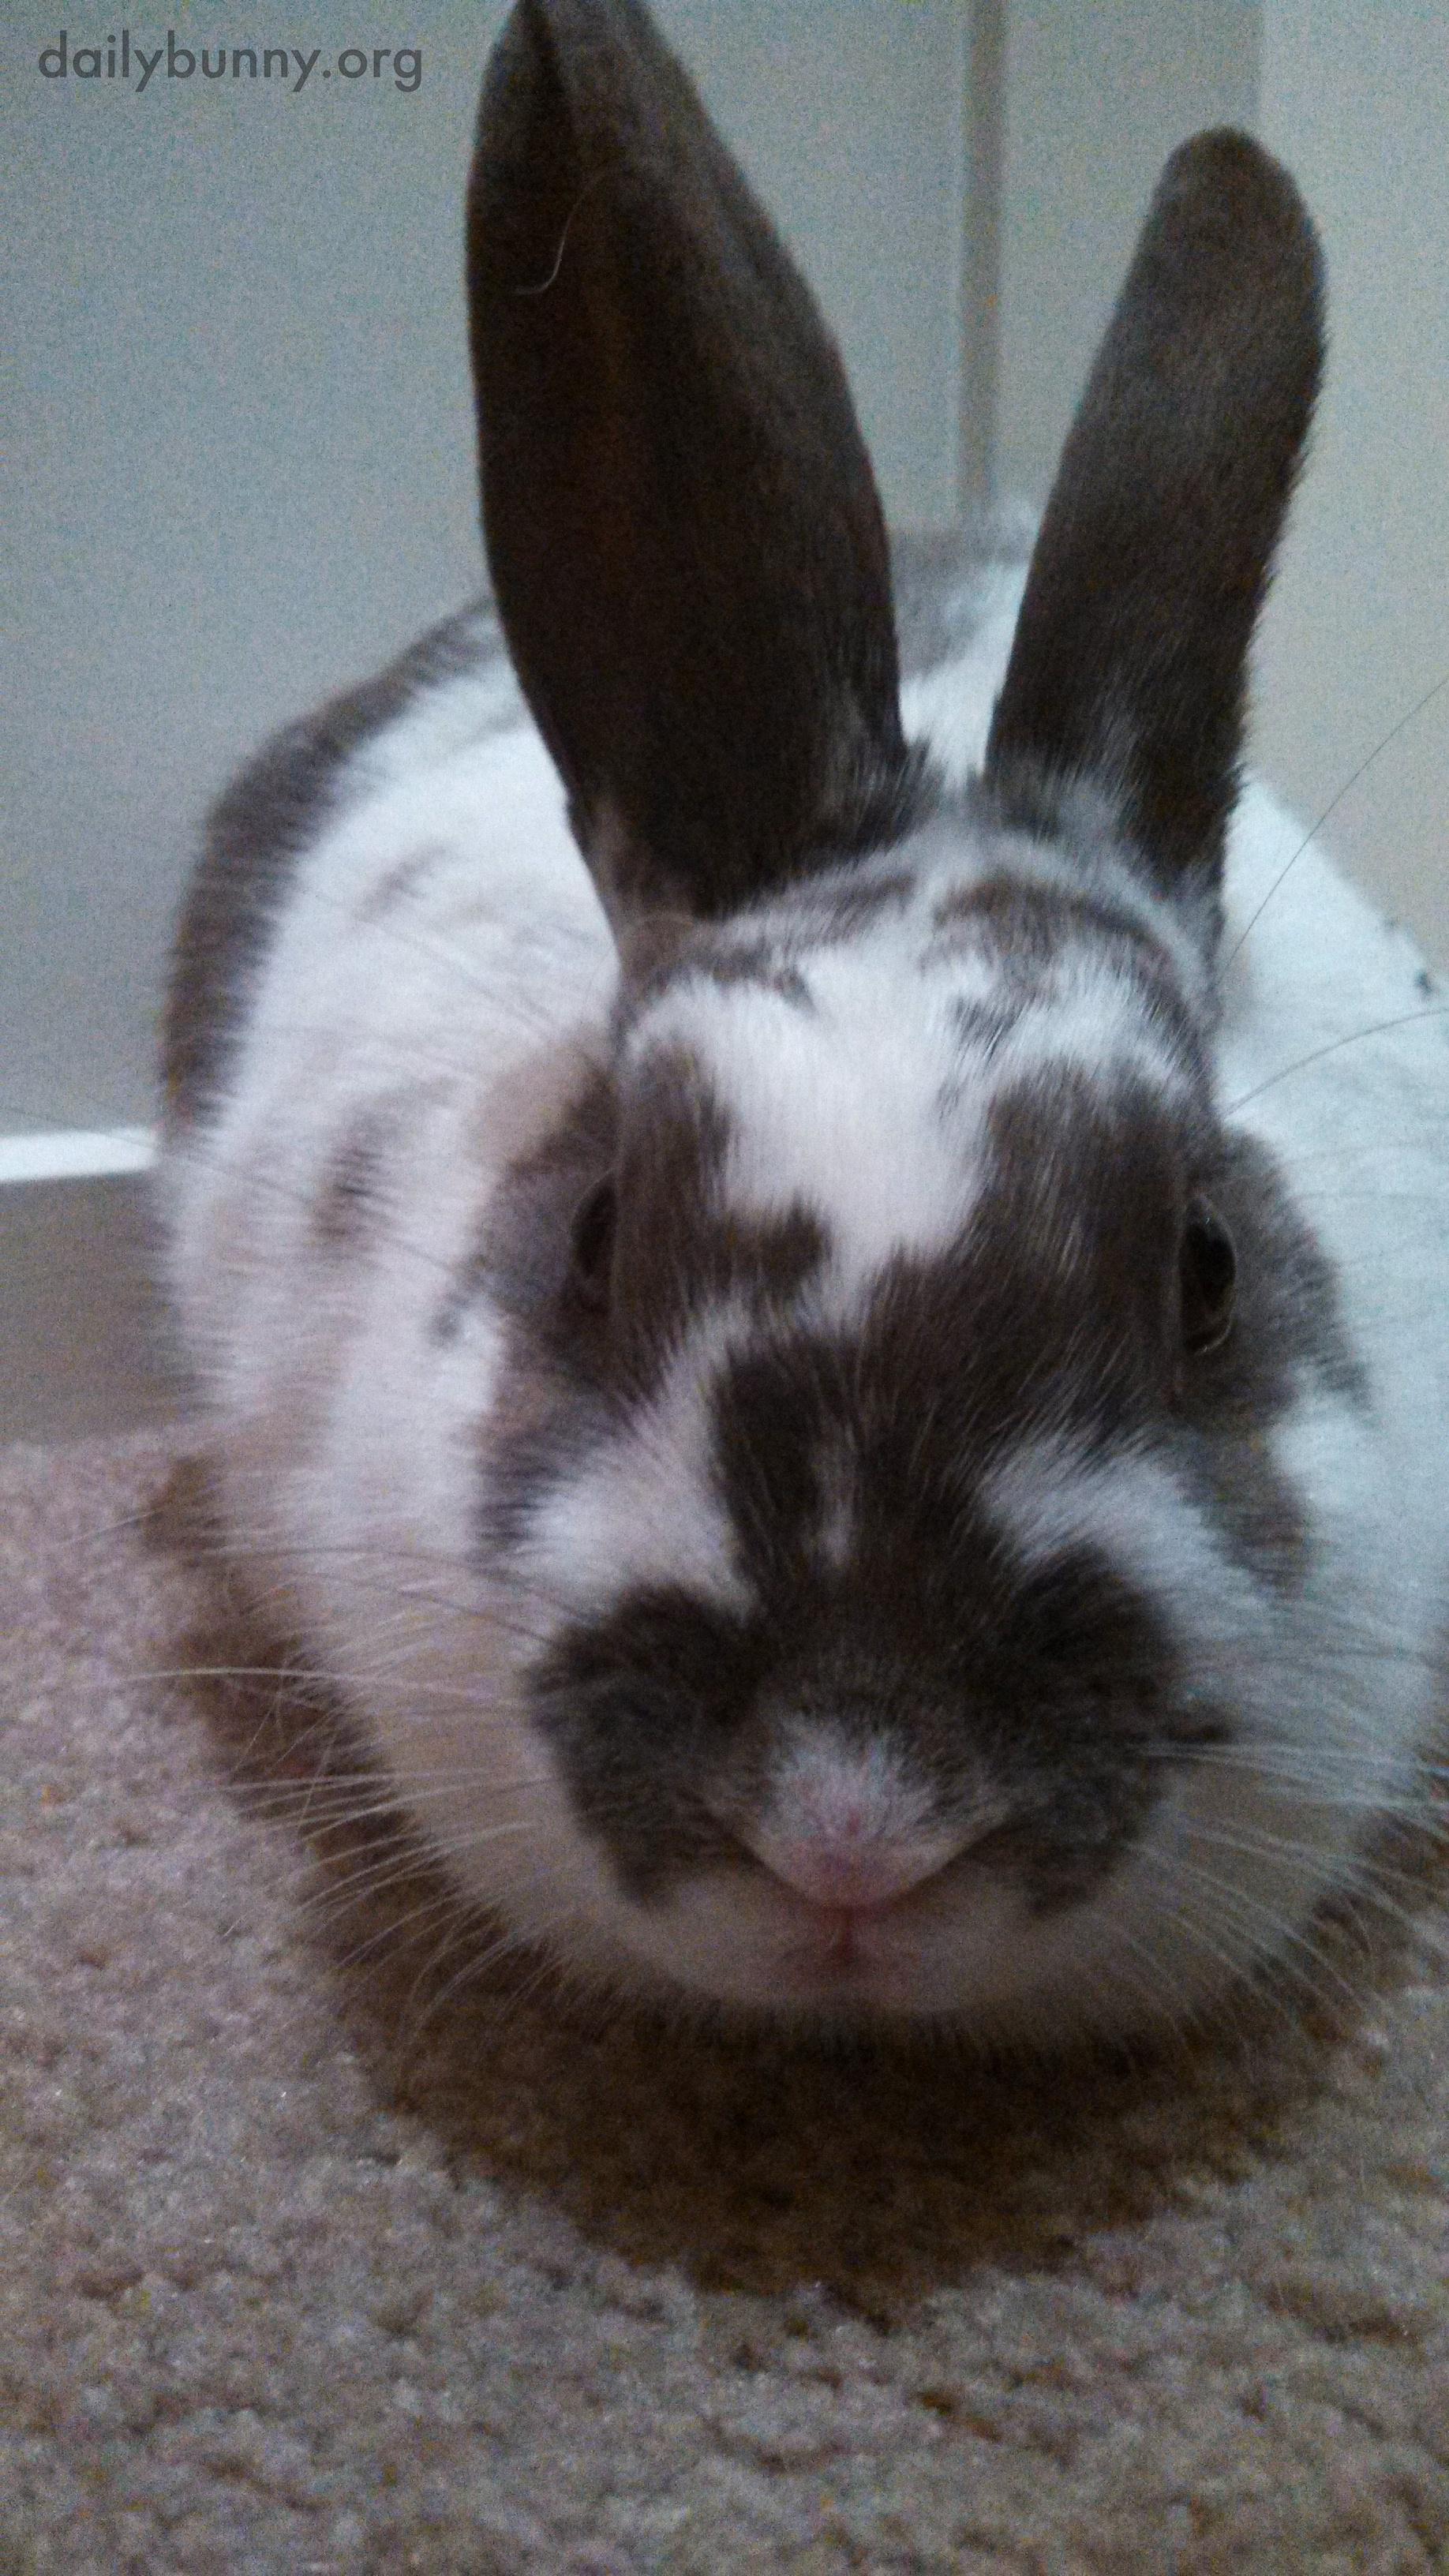 Bunny Has Had Enough of These Photos Already 1